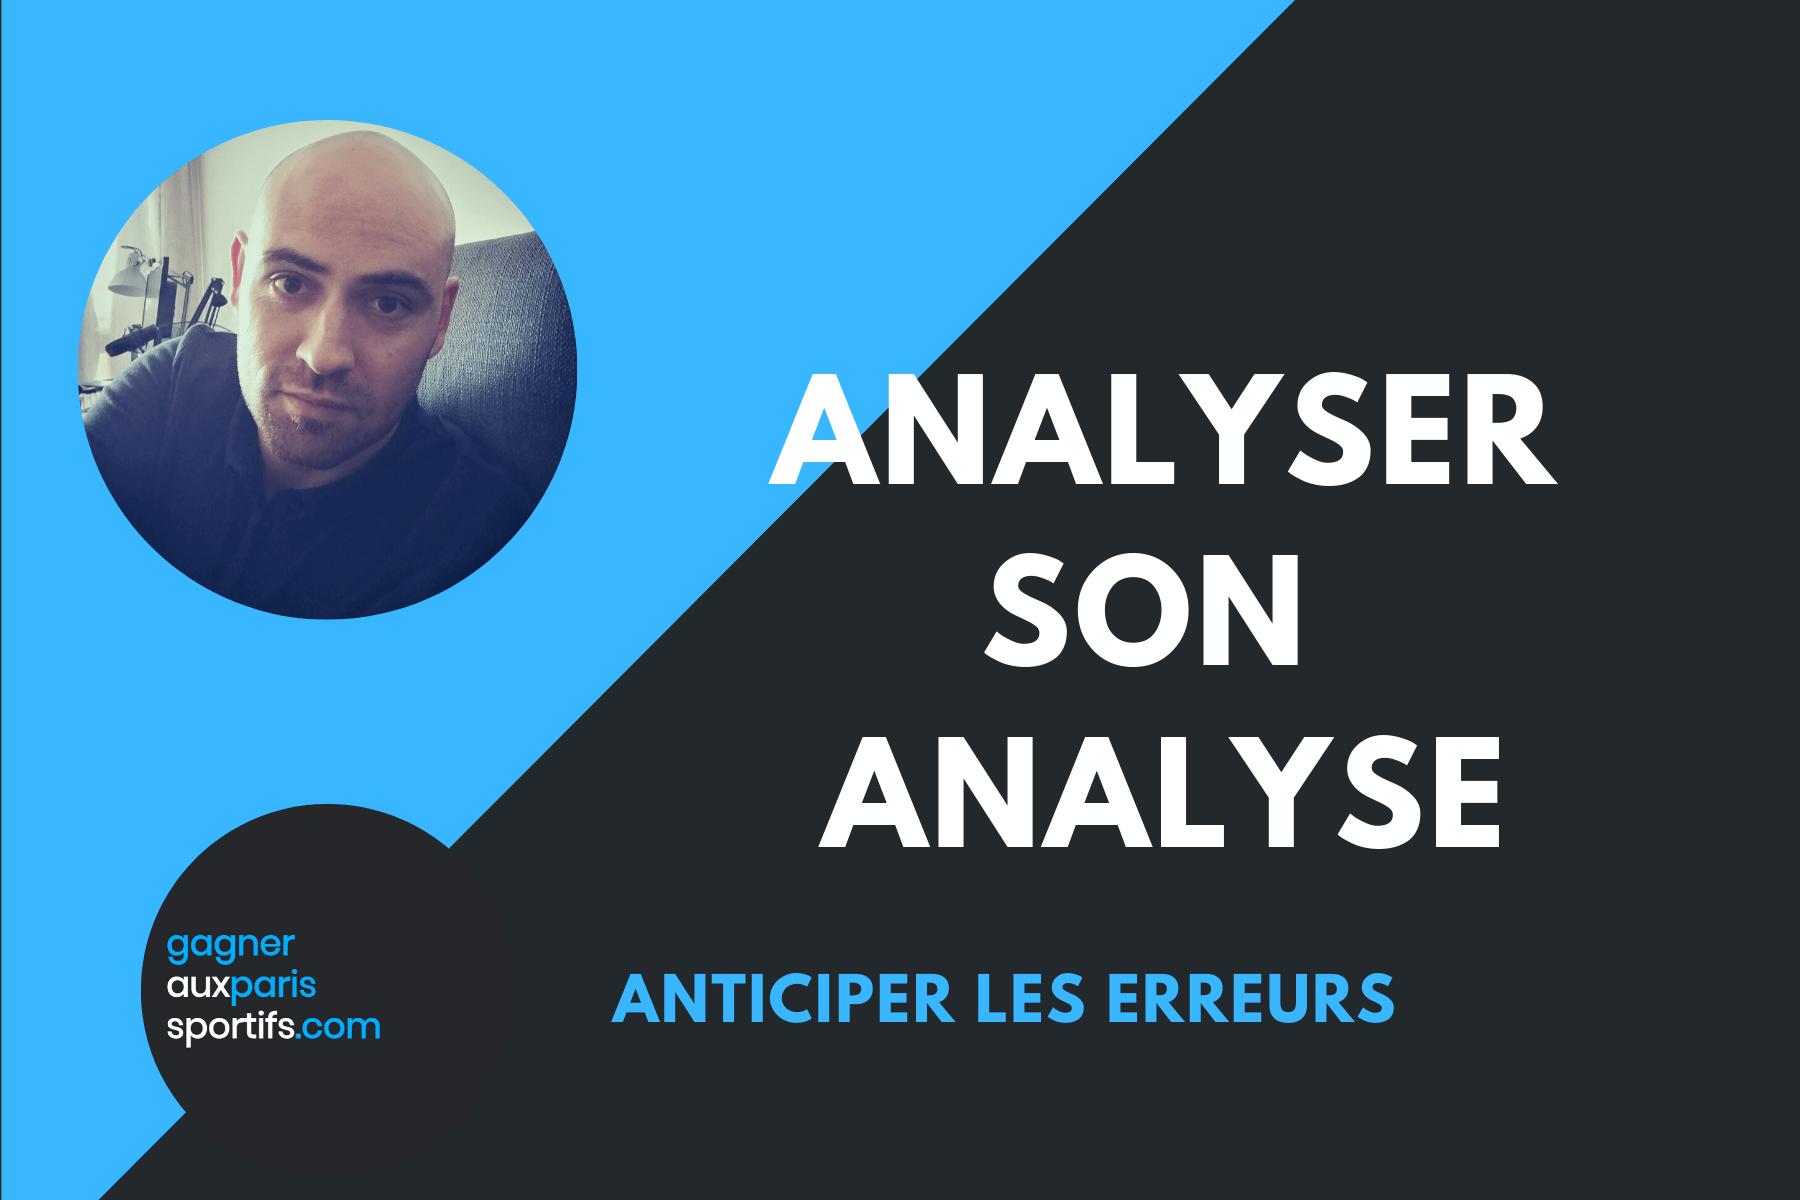 Analyser son analyse